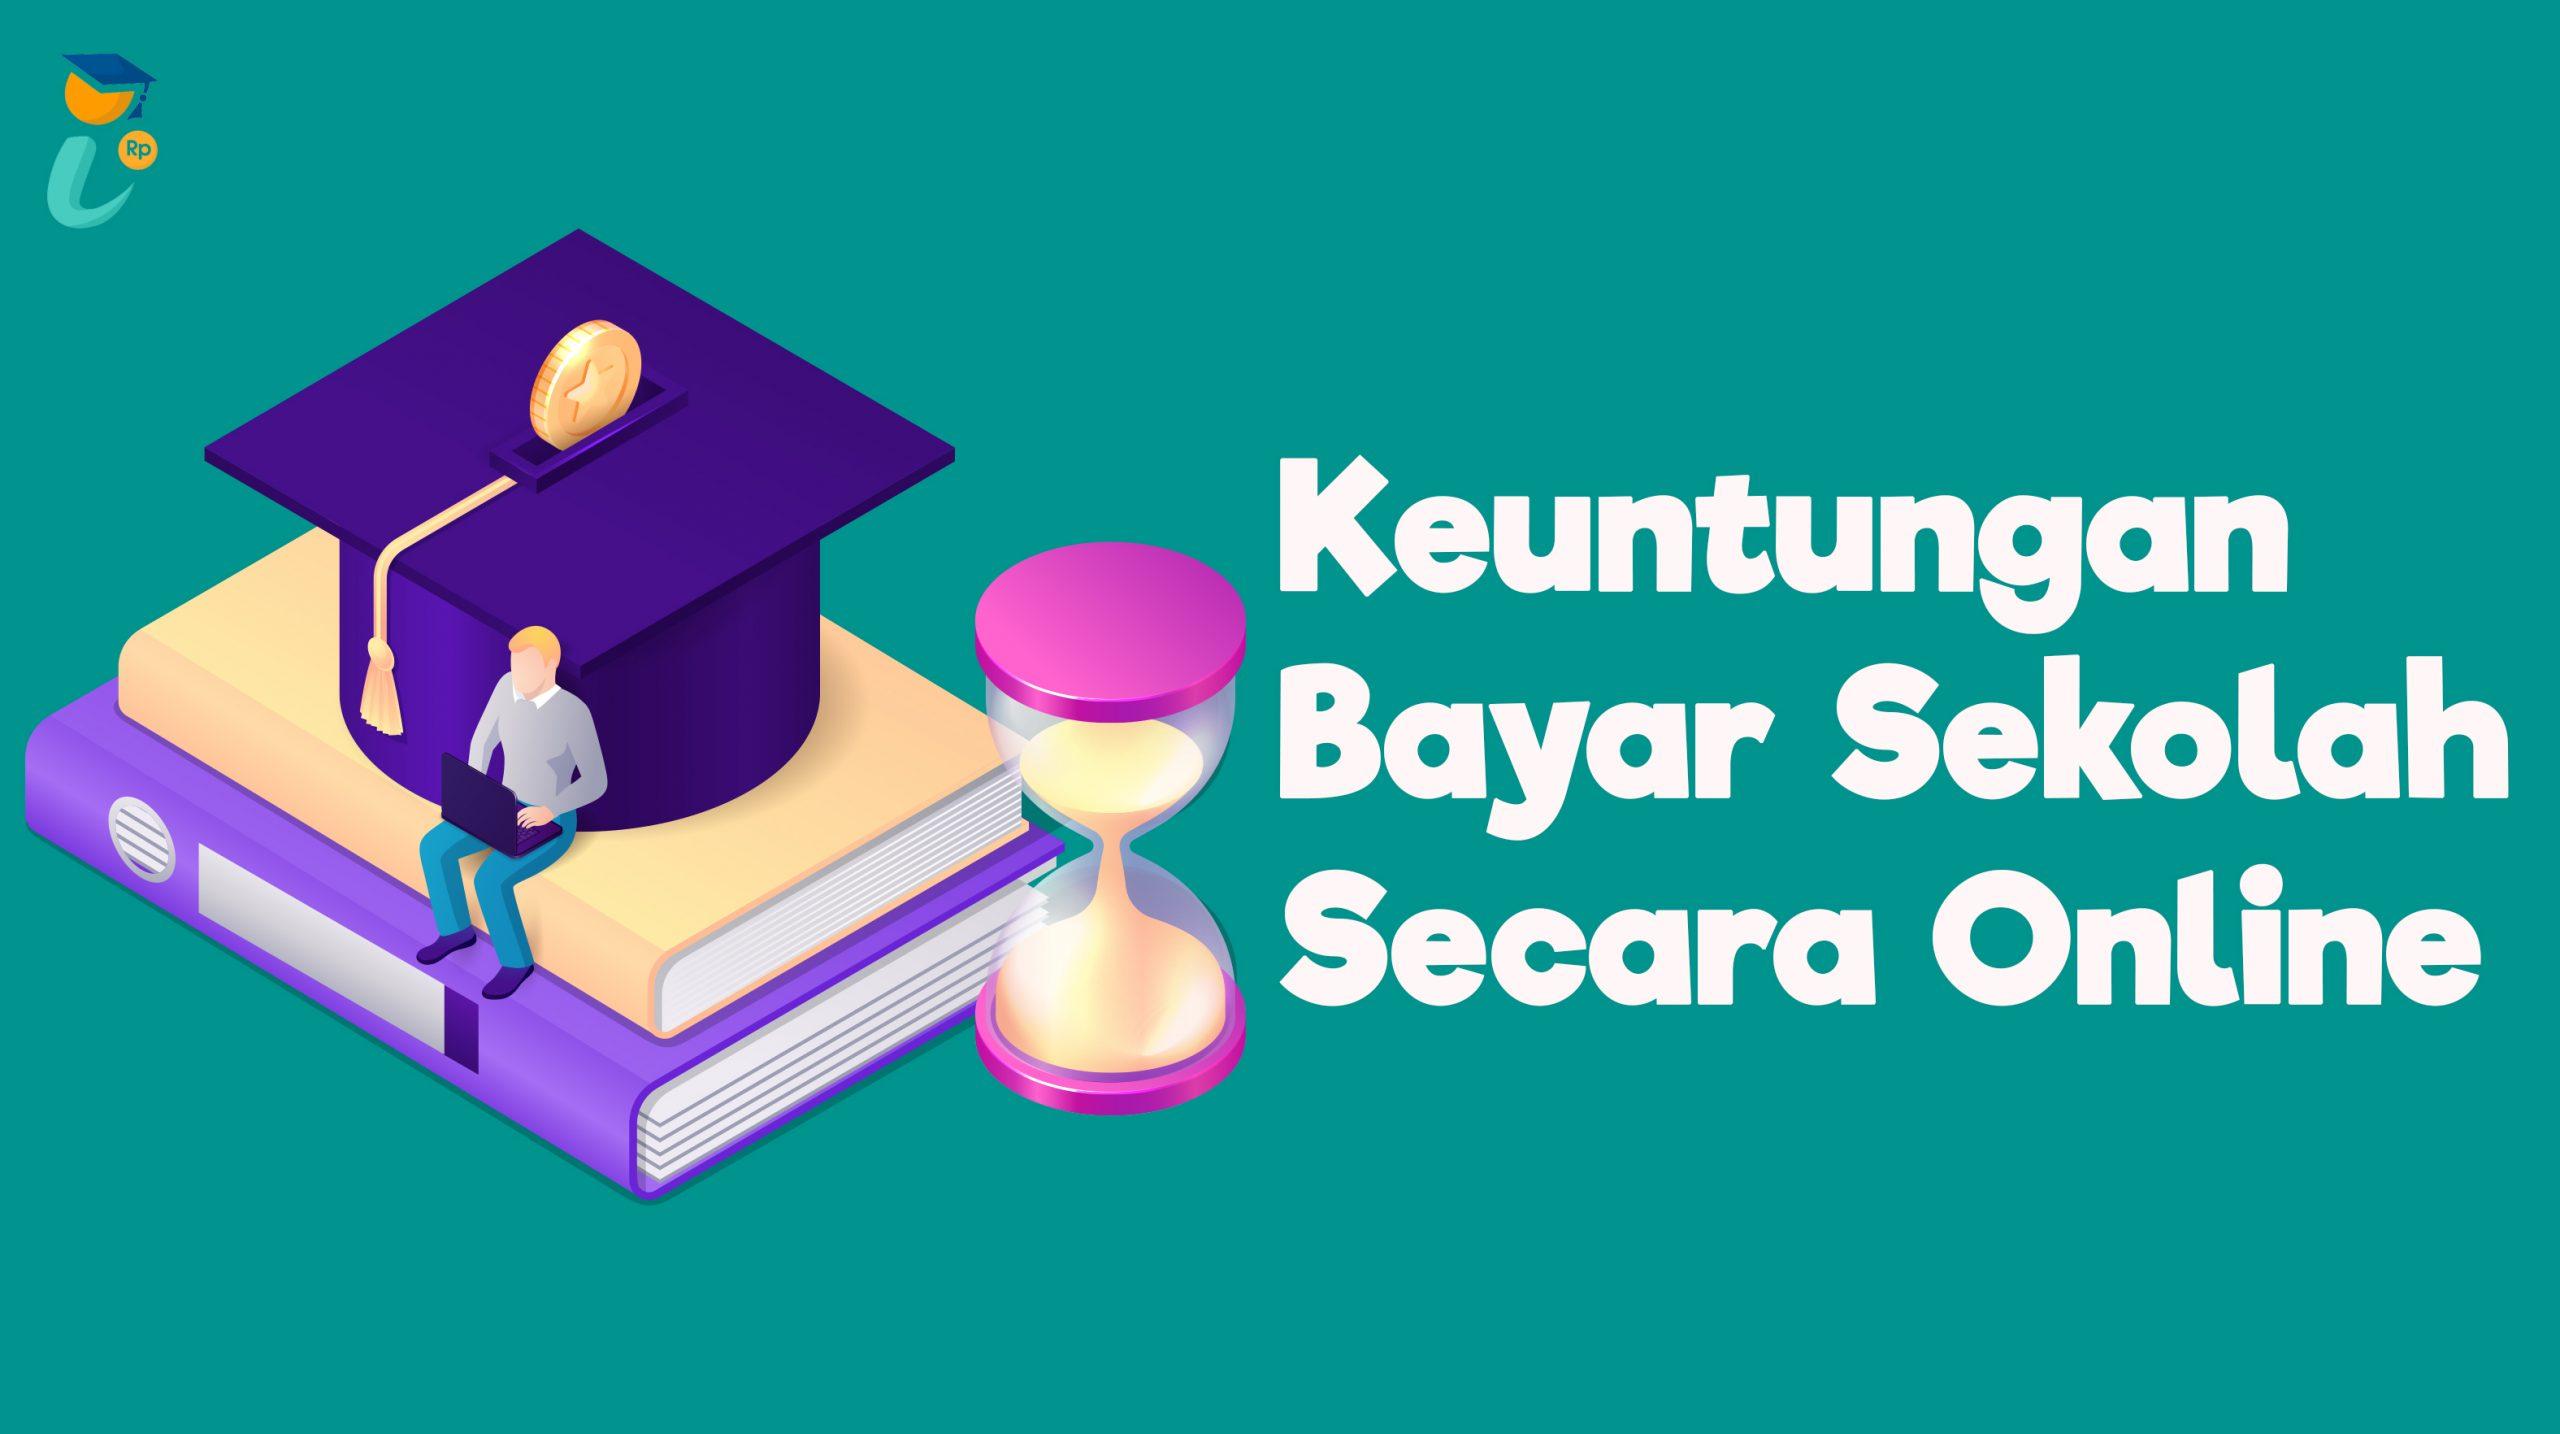 Keuntungan Bayar Sekolah Secara Online